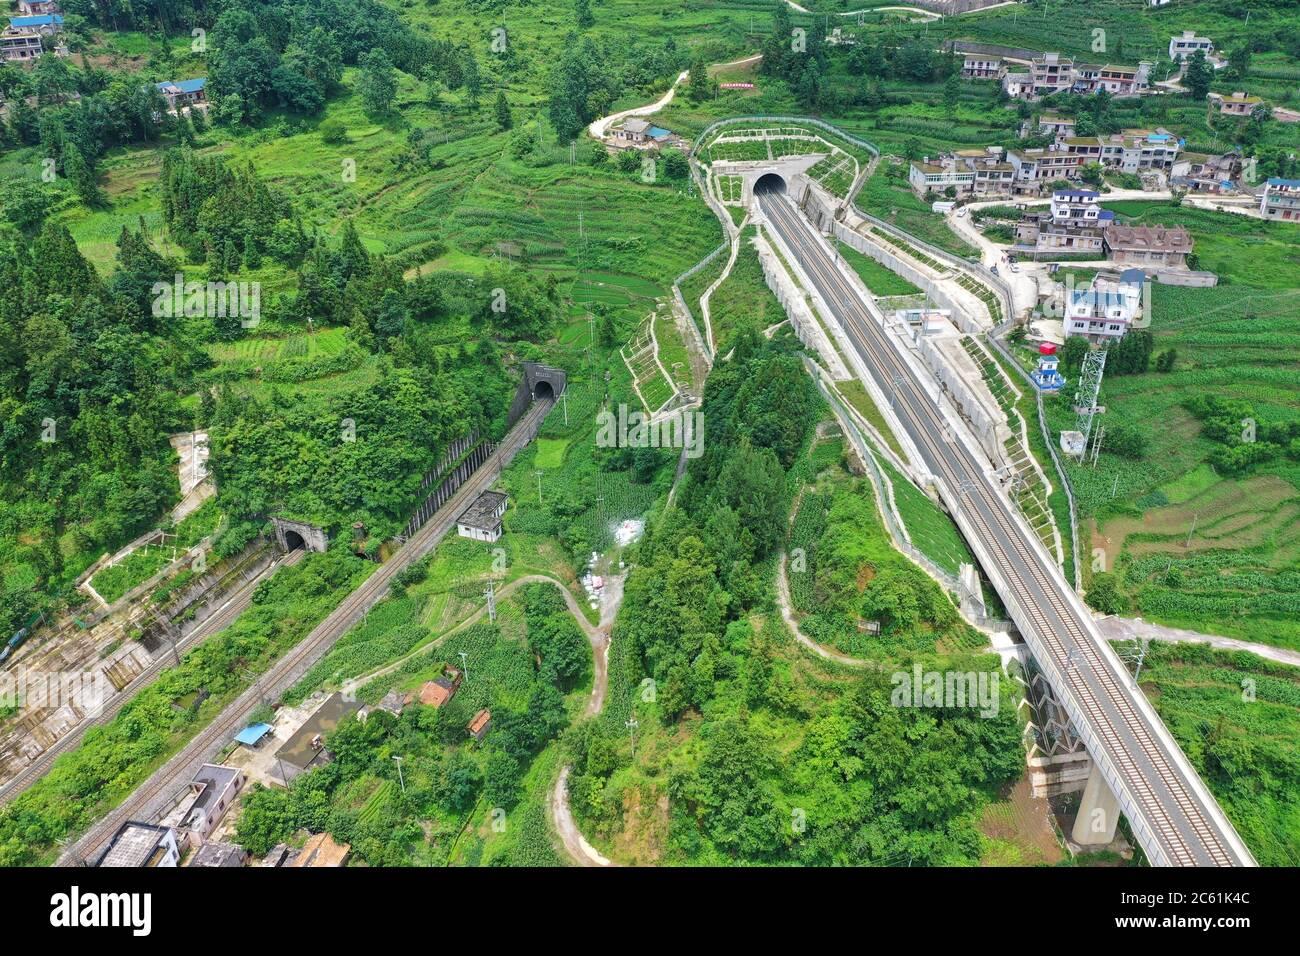 Liupanshui. 6 de julio de 2020. Foto aérea tomada el 6 de julio de 2020 muestra un túnel ferroviario a lo largo del ferrocarril Anshun-Liupanshui en la provincia de Guizhou, al suroeste de China. El ferrocarril interurbano Anshun-Liupanshui, con una velocidad de 250 km por hora, está en preparación para su apertura. El ferrocarril acortará el tiempo de viaje entre Guiyang y Liupanshui de las actuales 3.5 horas a aproximadamente 1 hora, y la ciudad de Liupanshui estará completamente conectada con la red nacional de trenes de alta velocidad. Crédito: Liu Xu/Xinhua/Alamy Live News Foto de stock